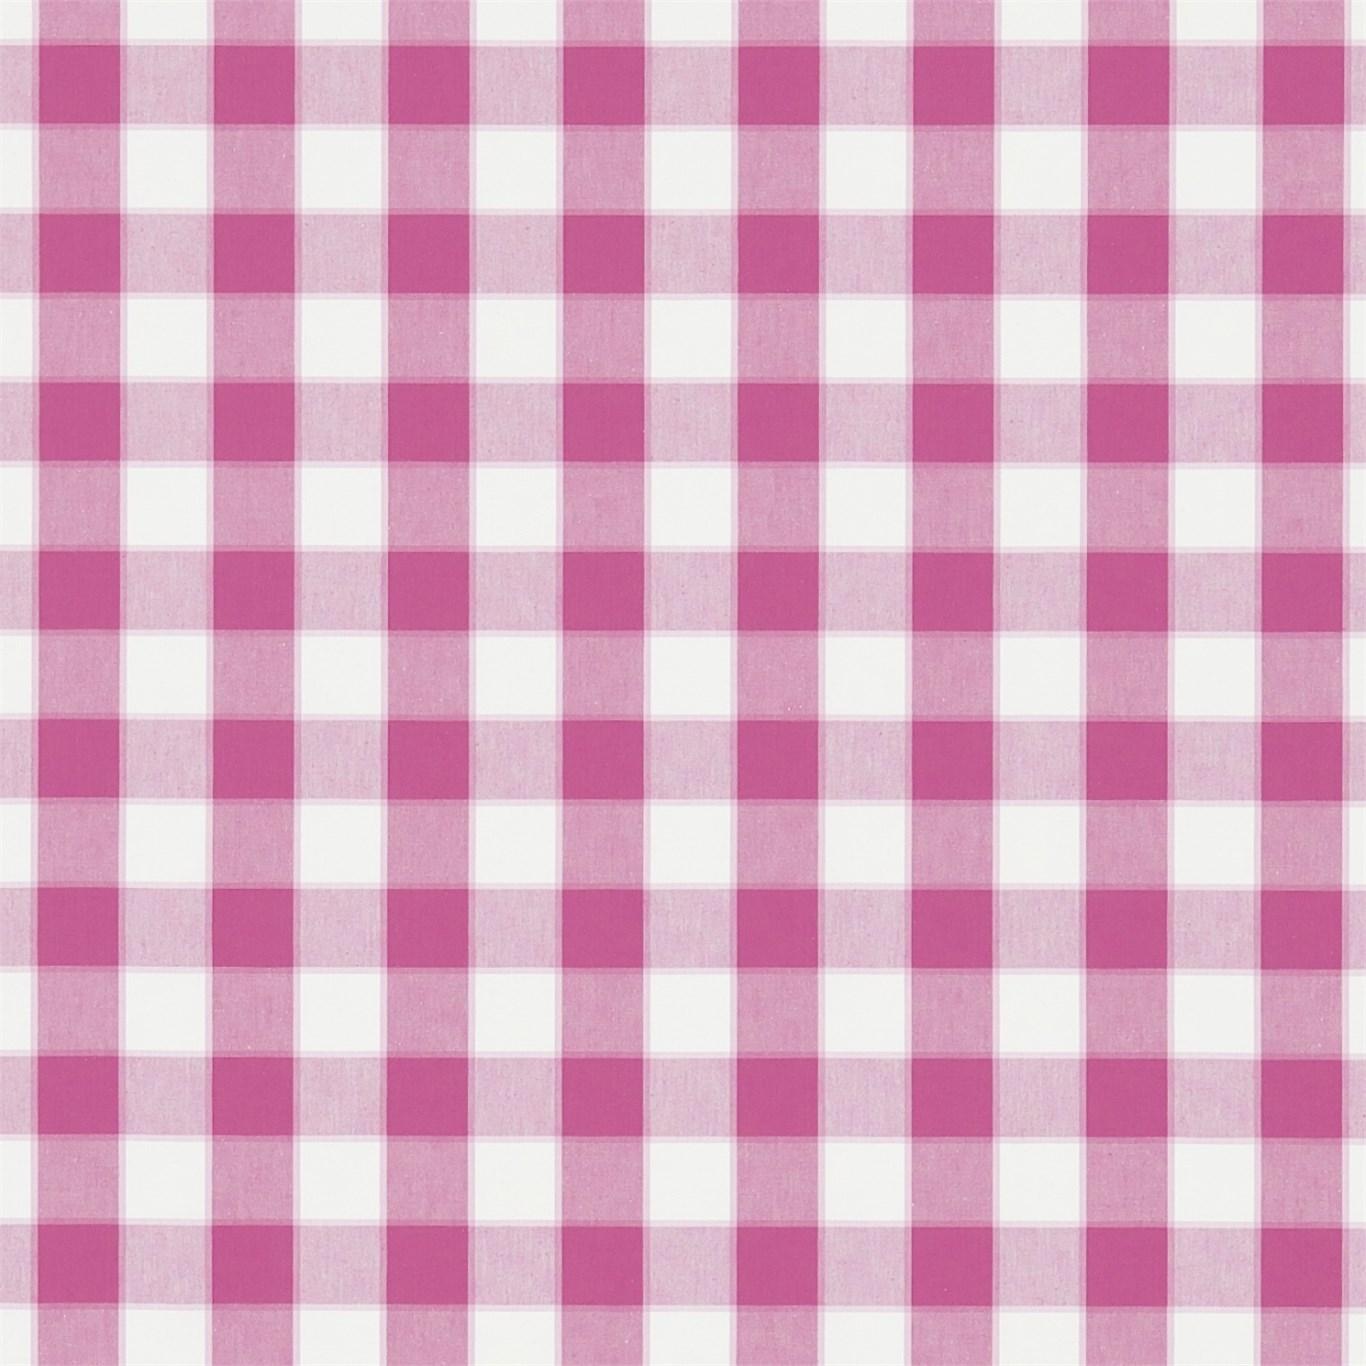 Rye Pink